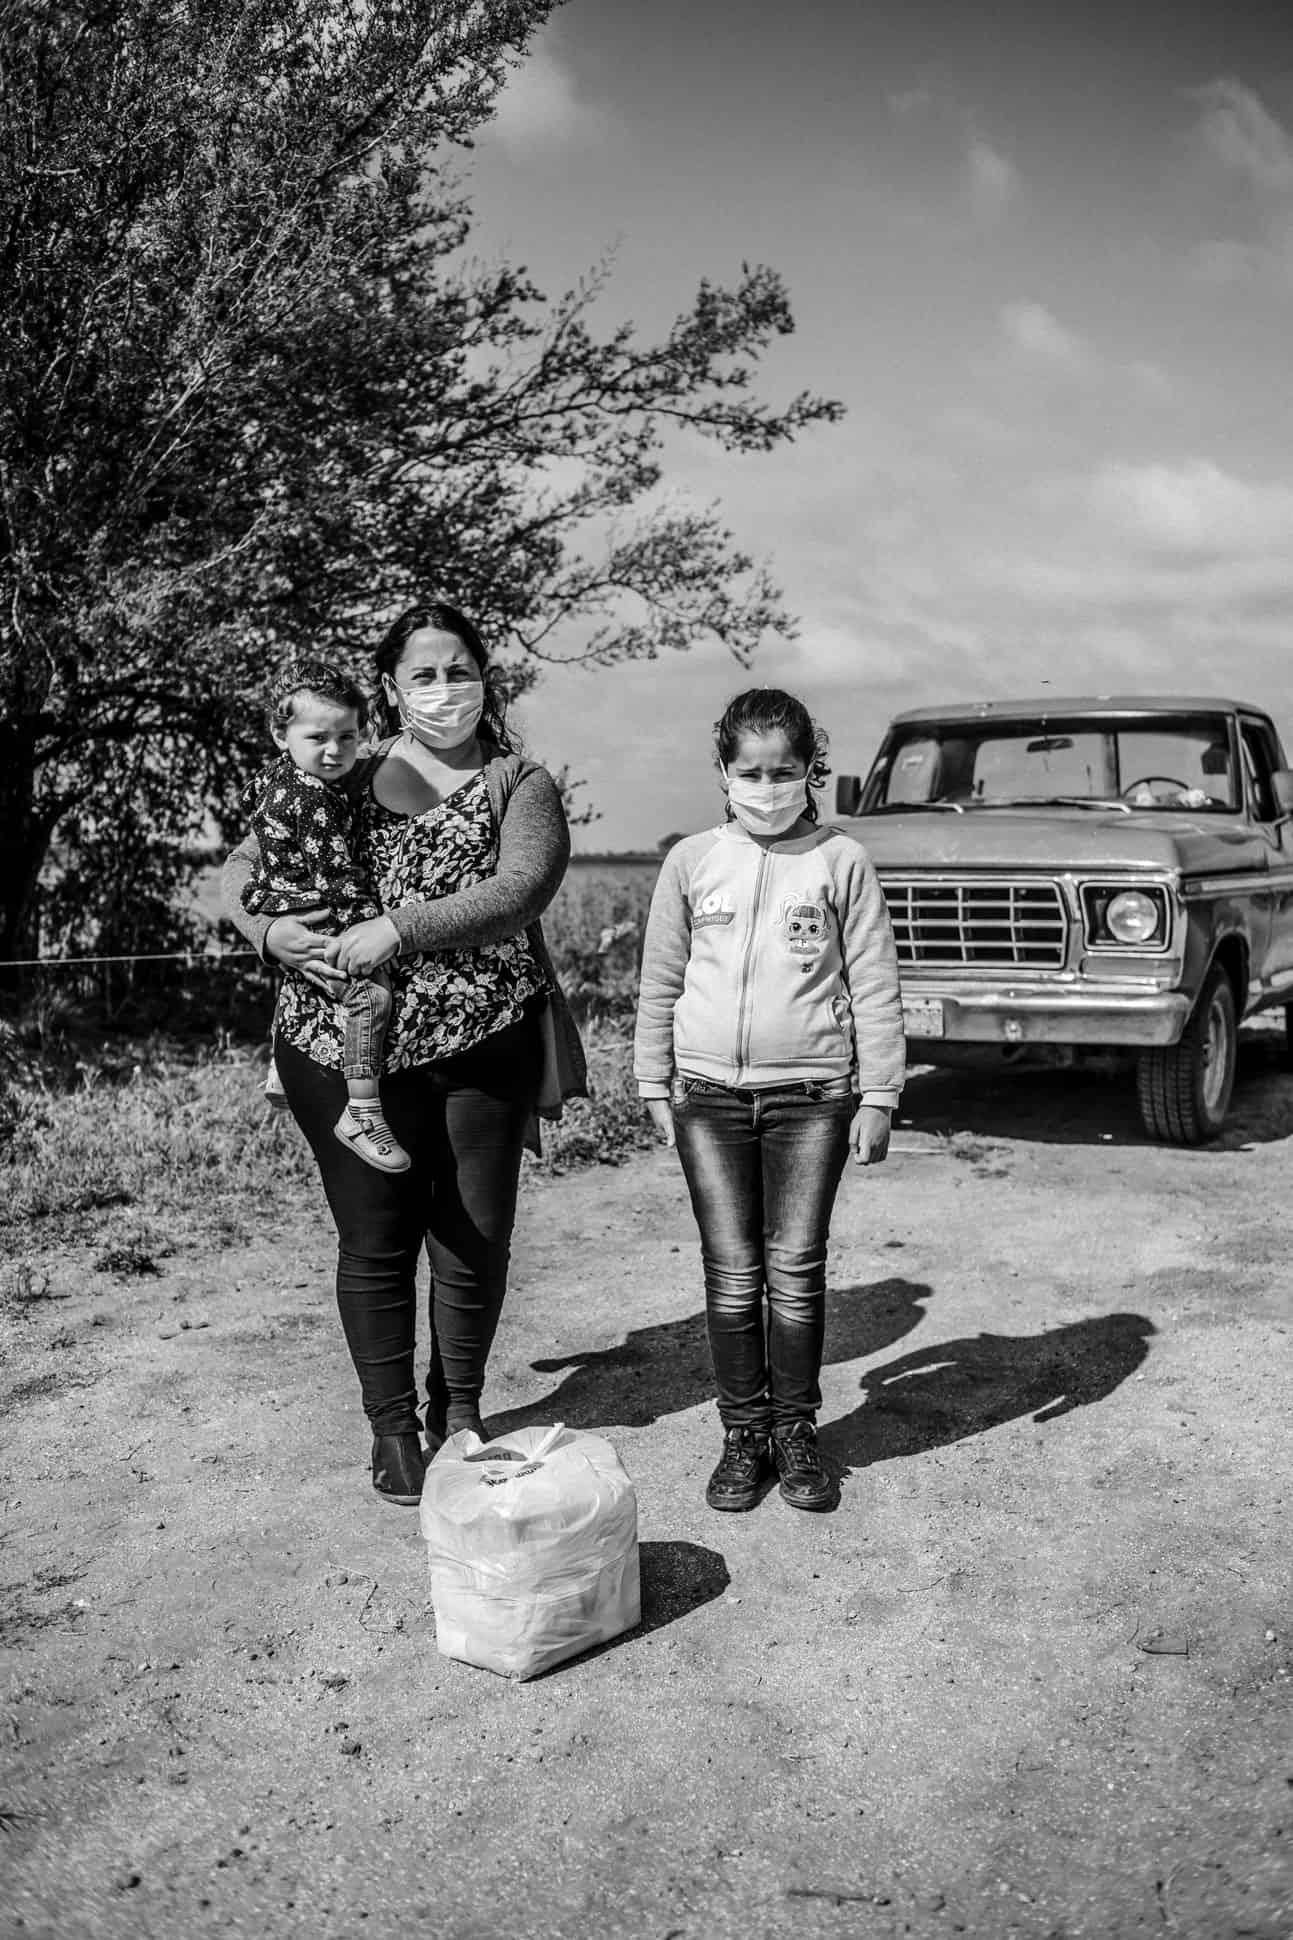 educar-en-tiempos-de-pandemia-covid-19-argentina-provincia-buenos-aires 1